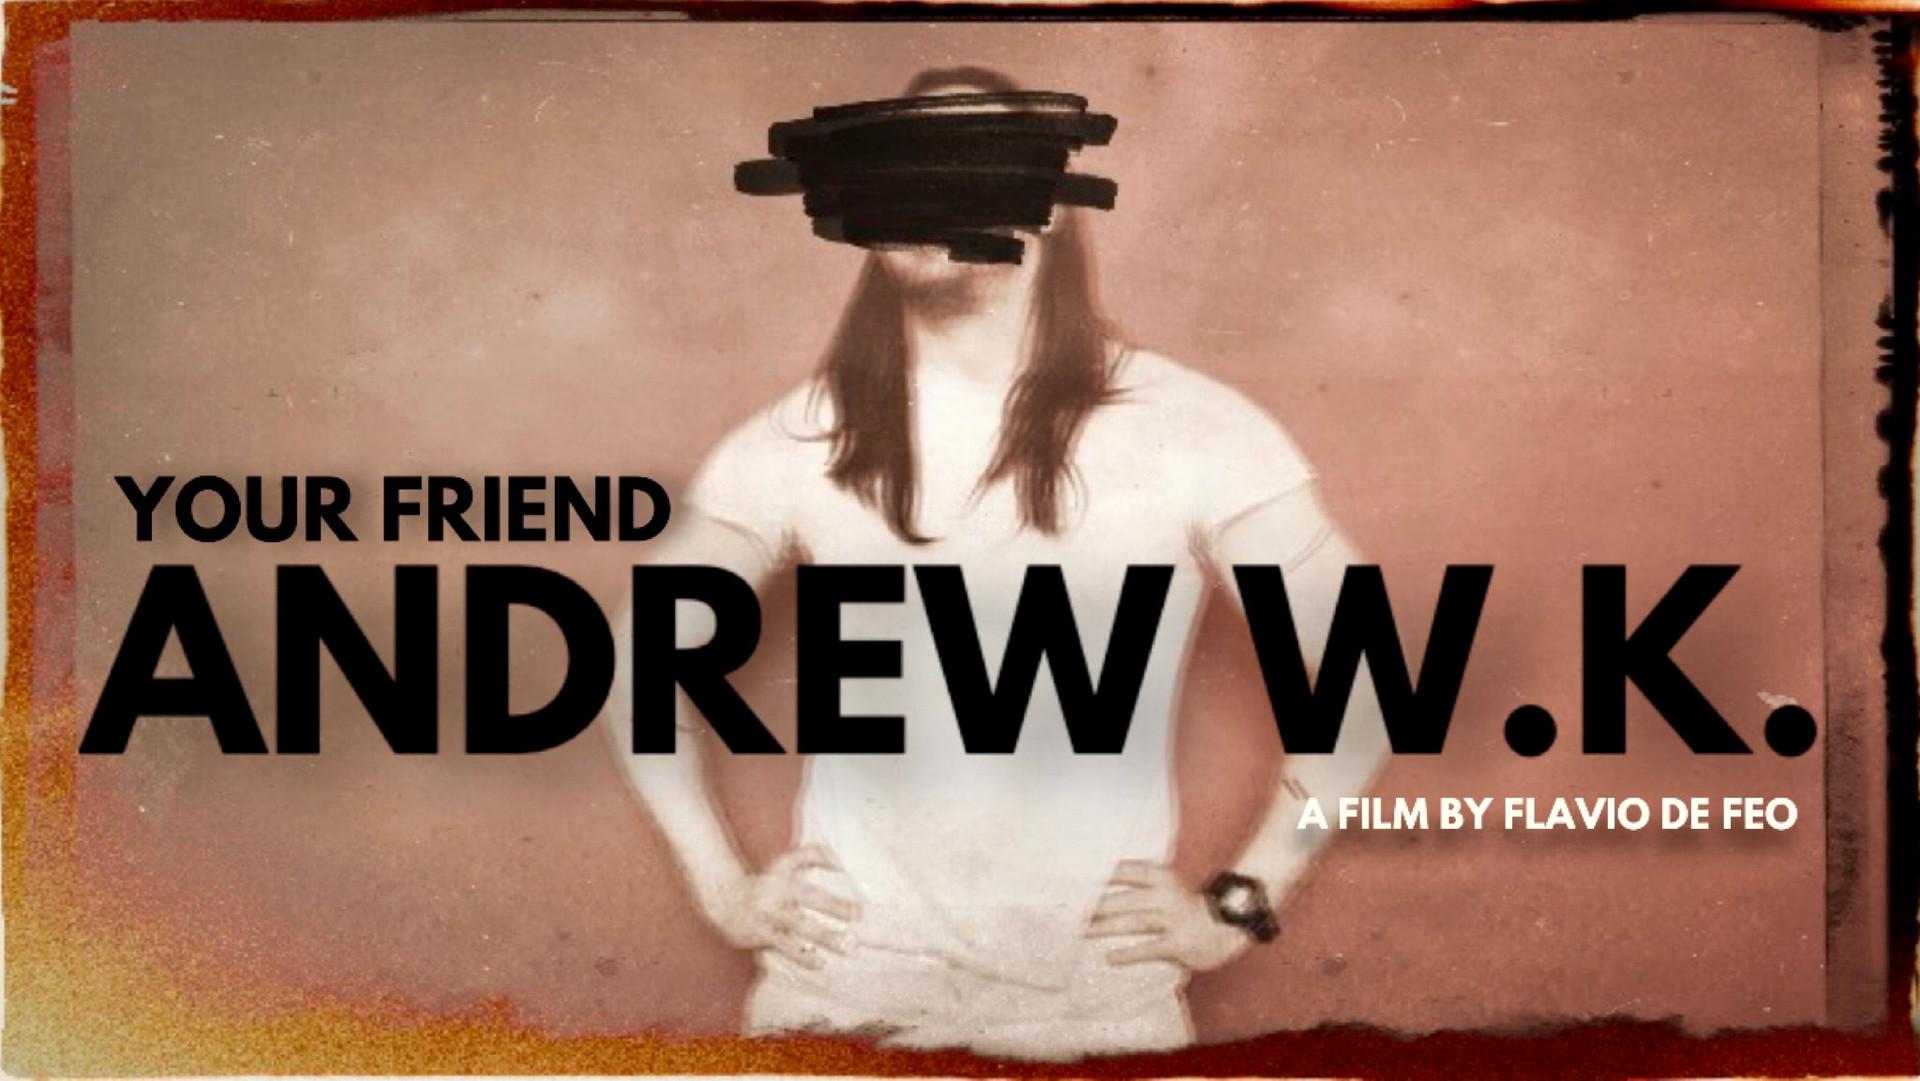 YOUR FRIEND ANDREW W.K.